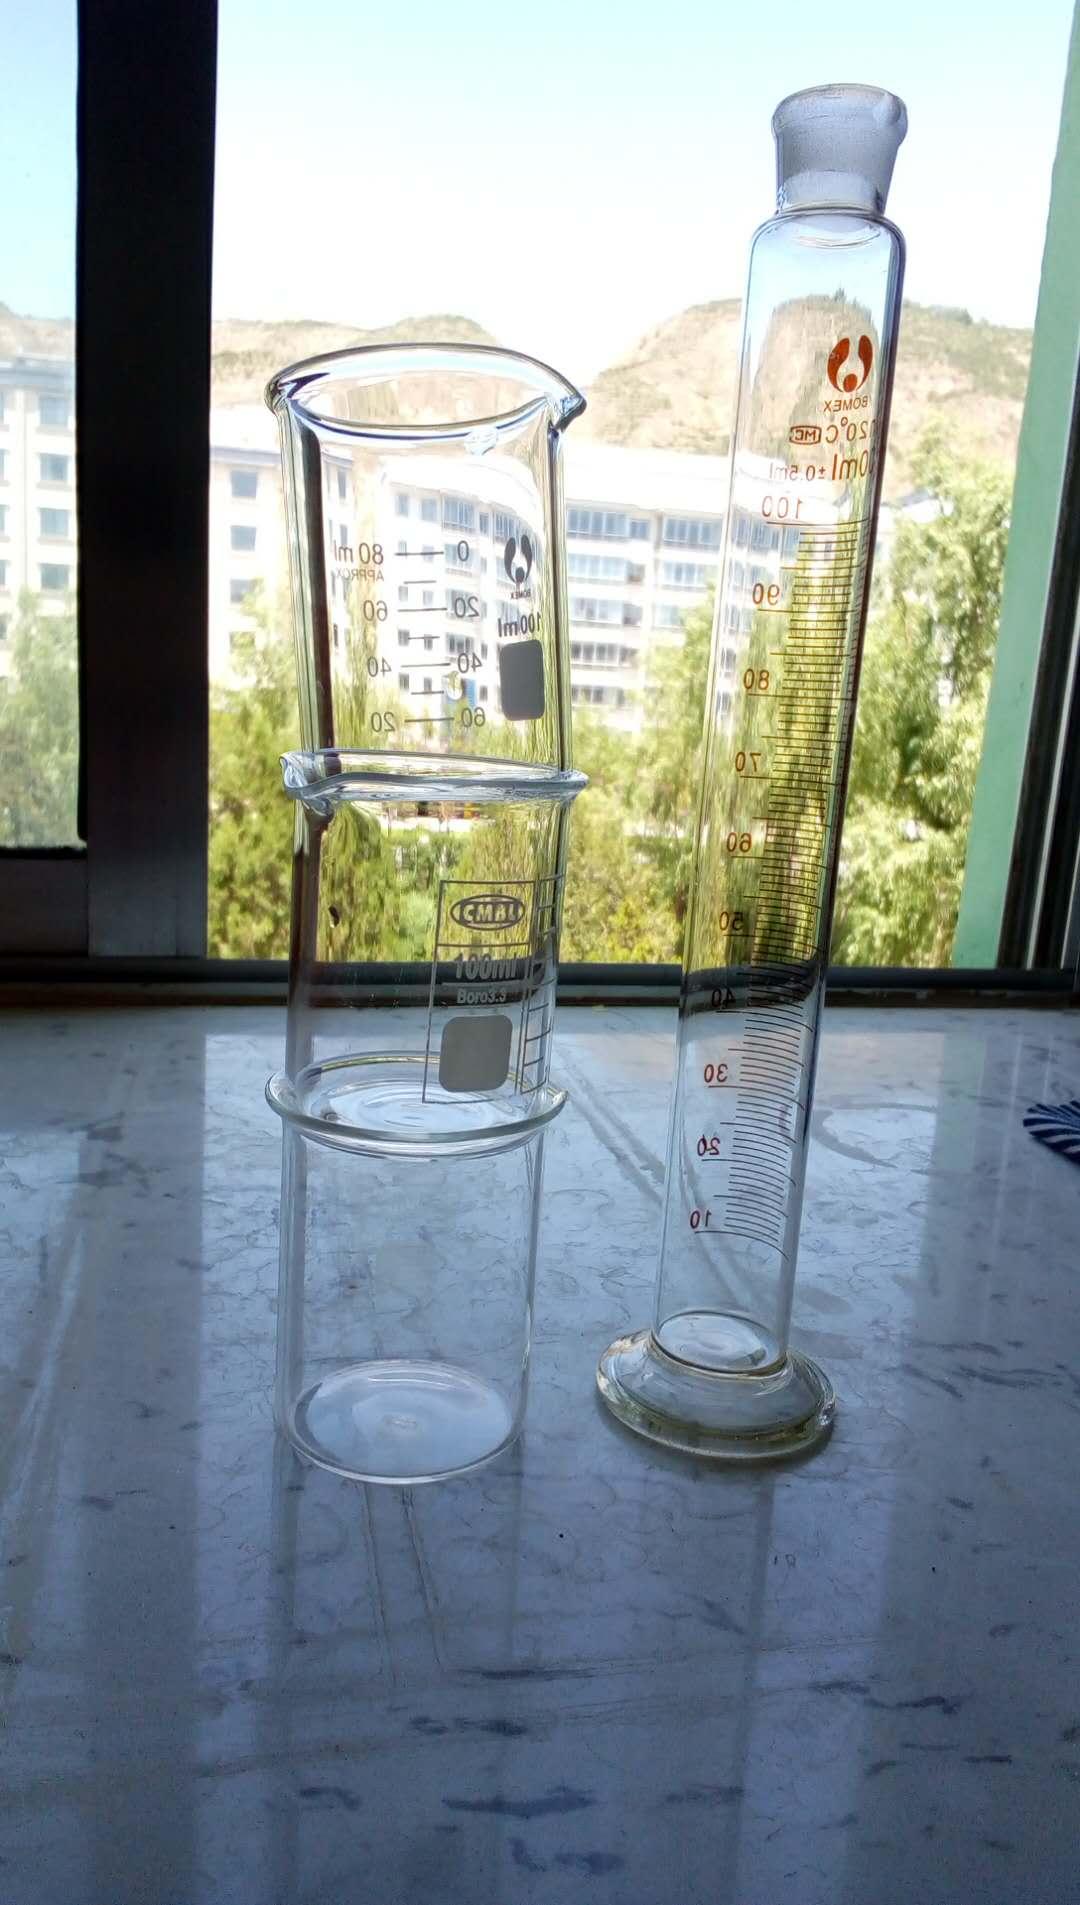 75648409432299435.jpg 烧杯、容量瓶、锥形瓶等不一样的清洗方式 公司动态 第9张